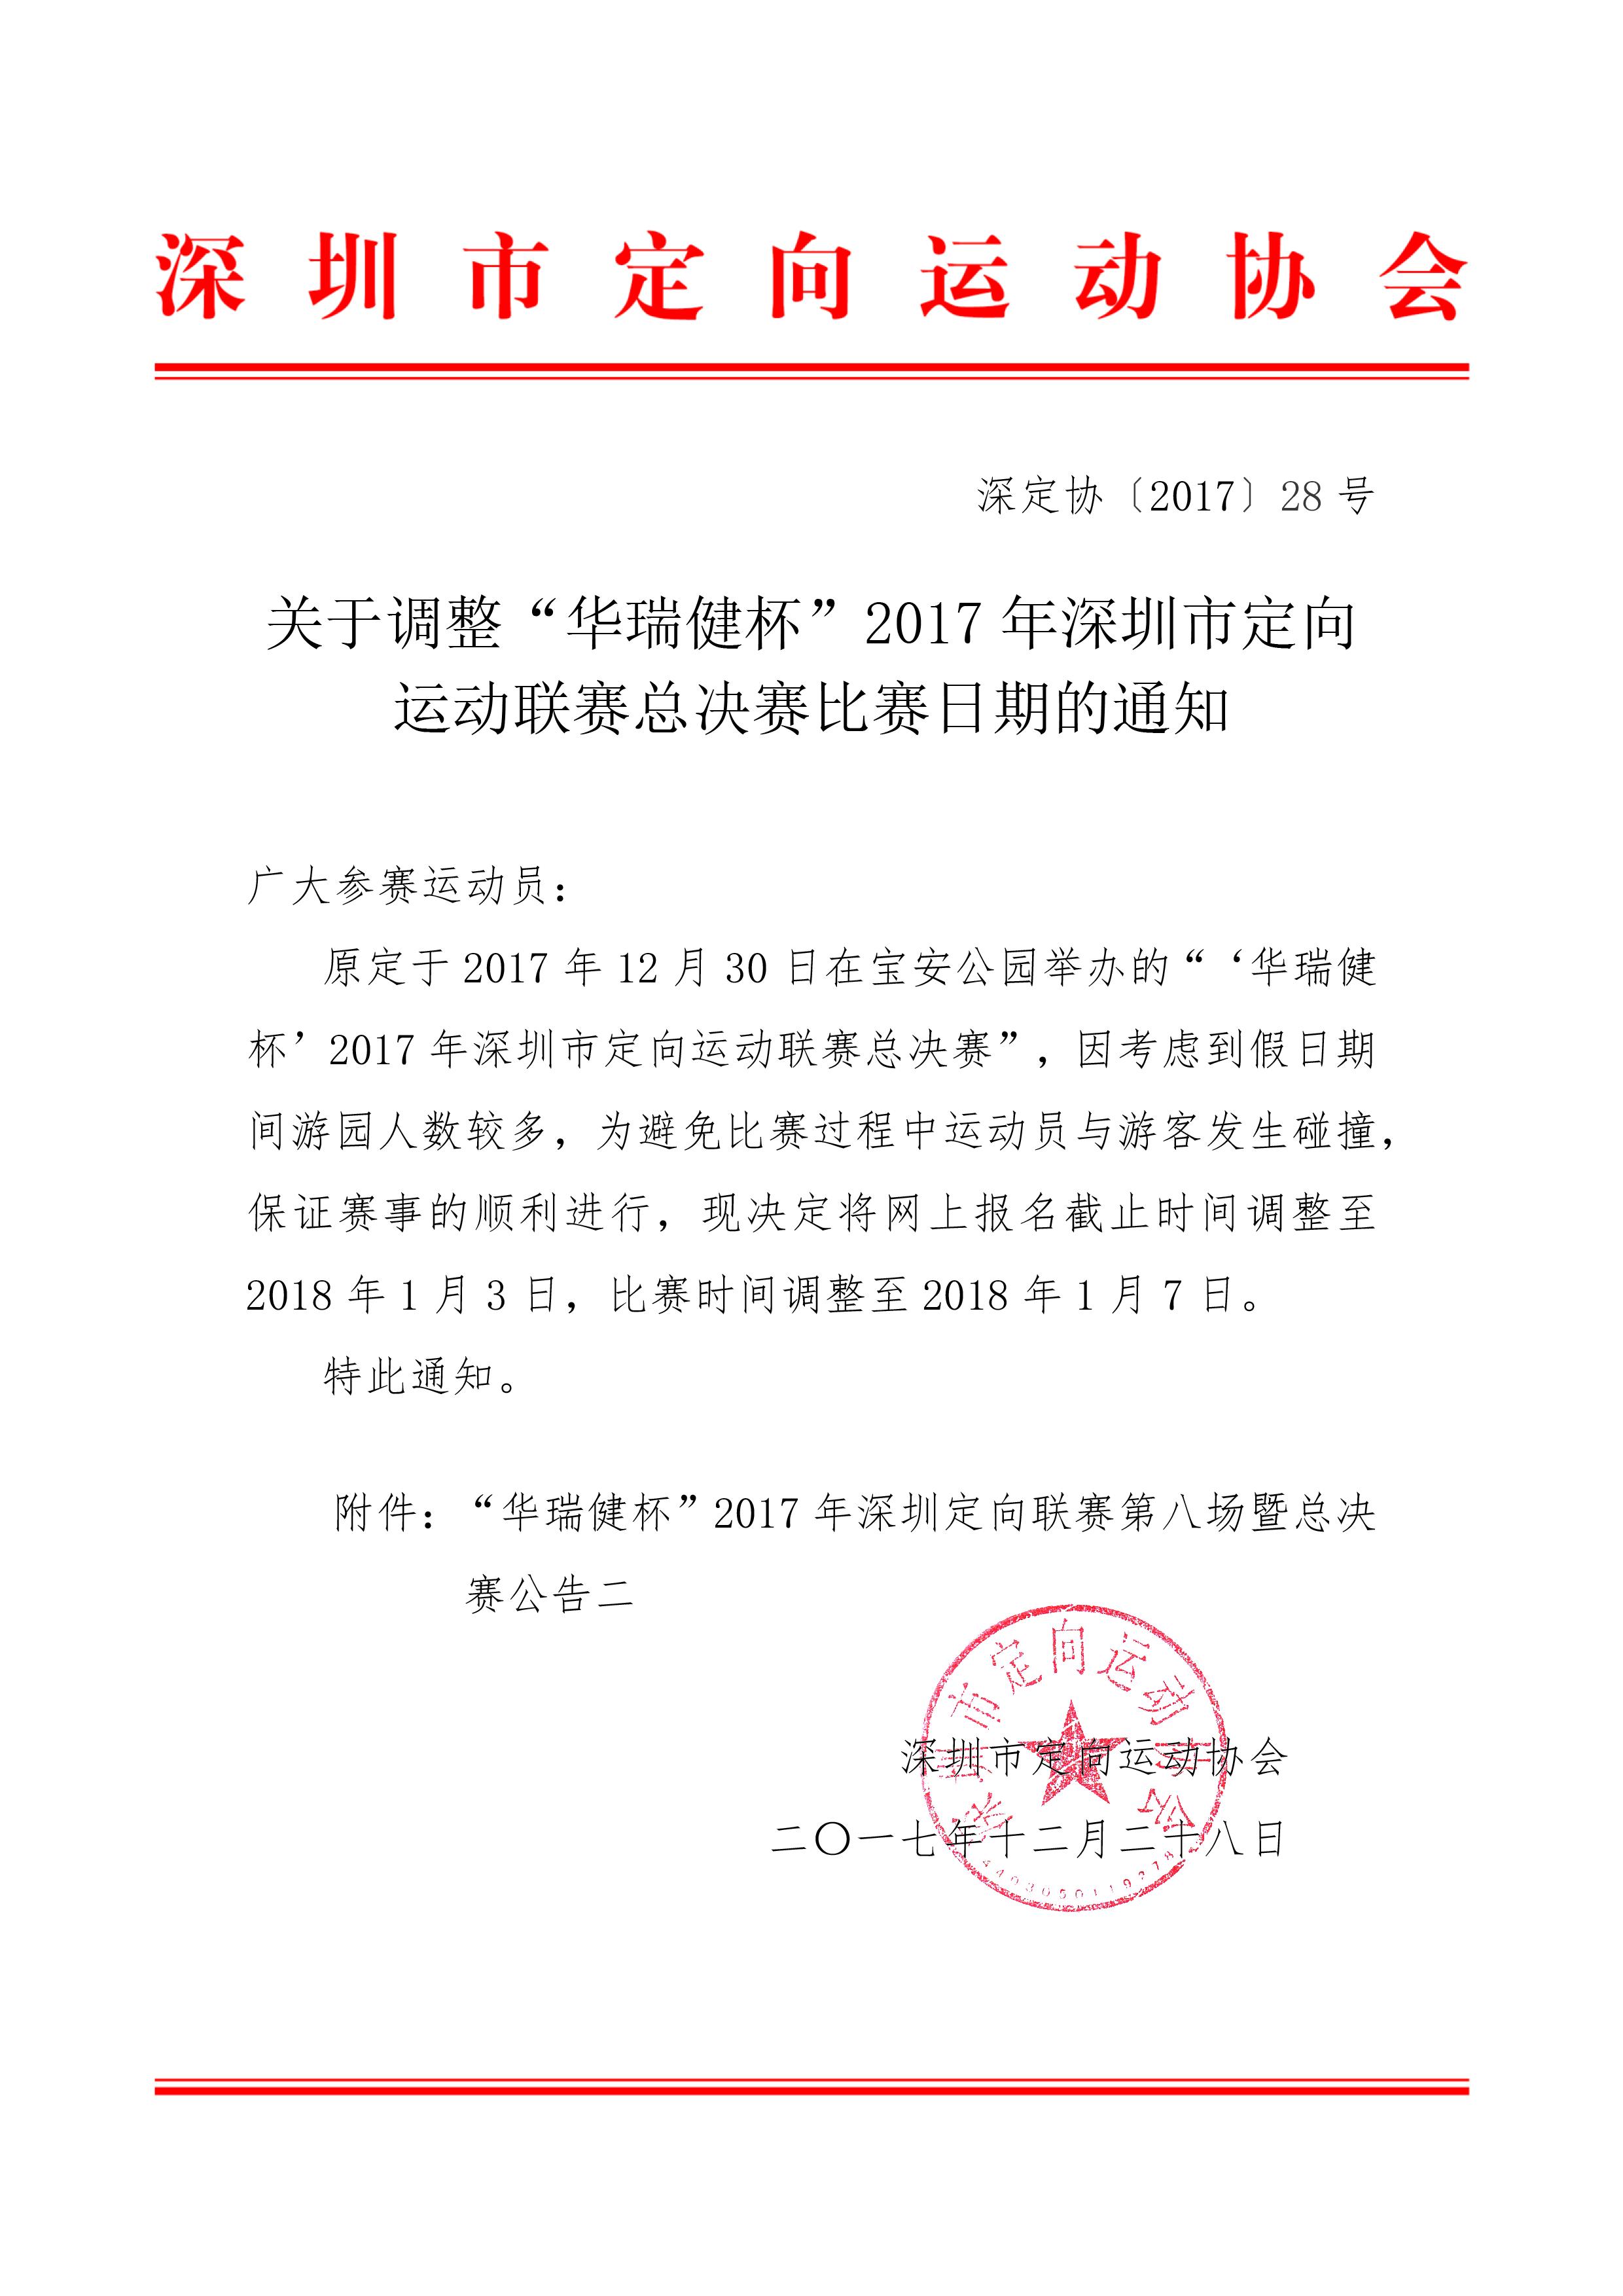 """关于调整""""华瑞健杯""""2017年深圳市定向运动联赛总决赛比赛日期的通知.png"""